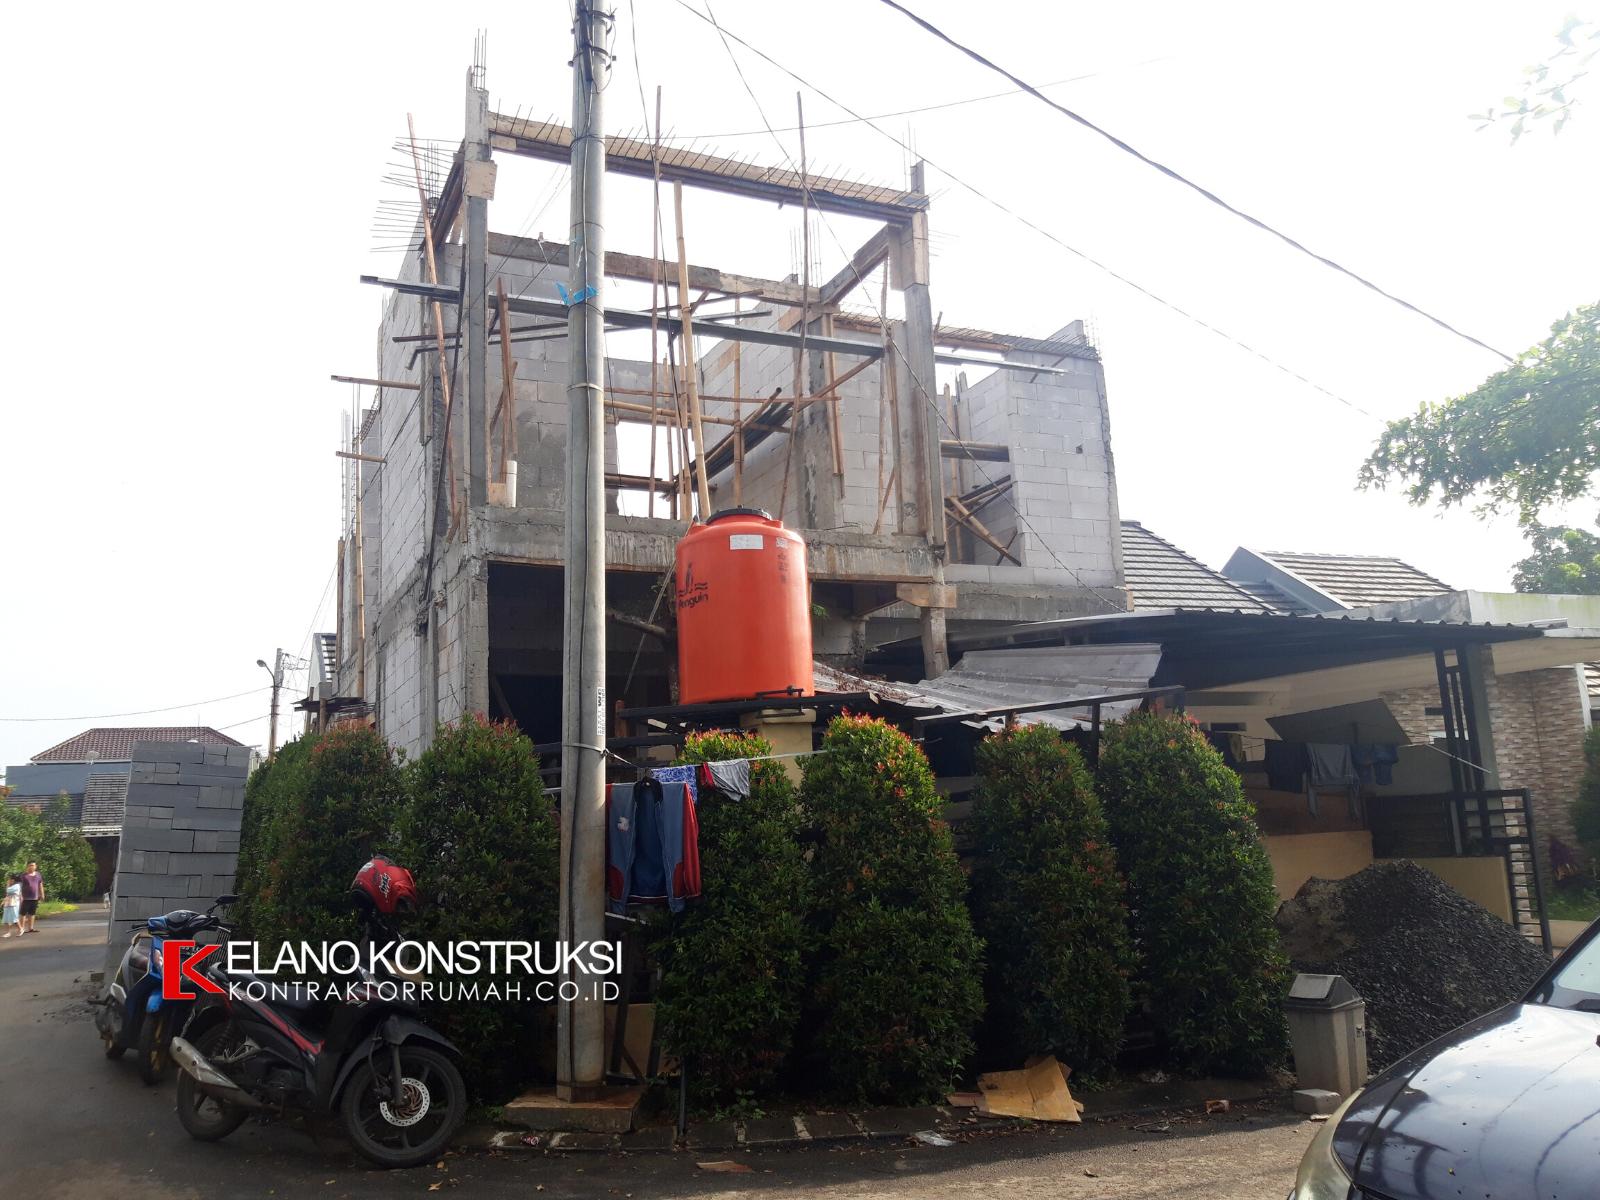 Untitled design 26 - Konstruksi Rumah Bapak AWJ 131 M2 Depok Jawa Barat